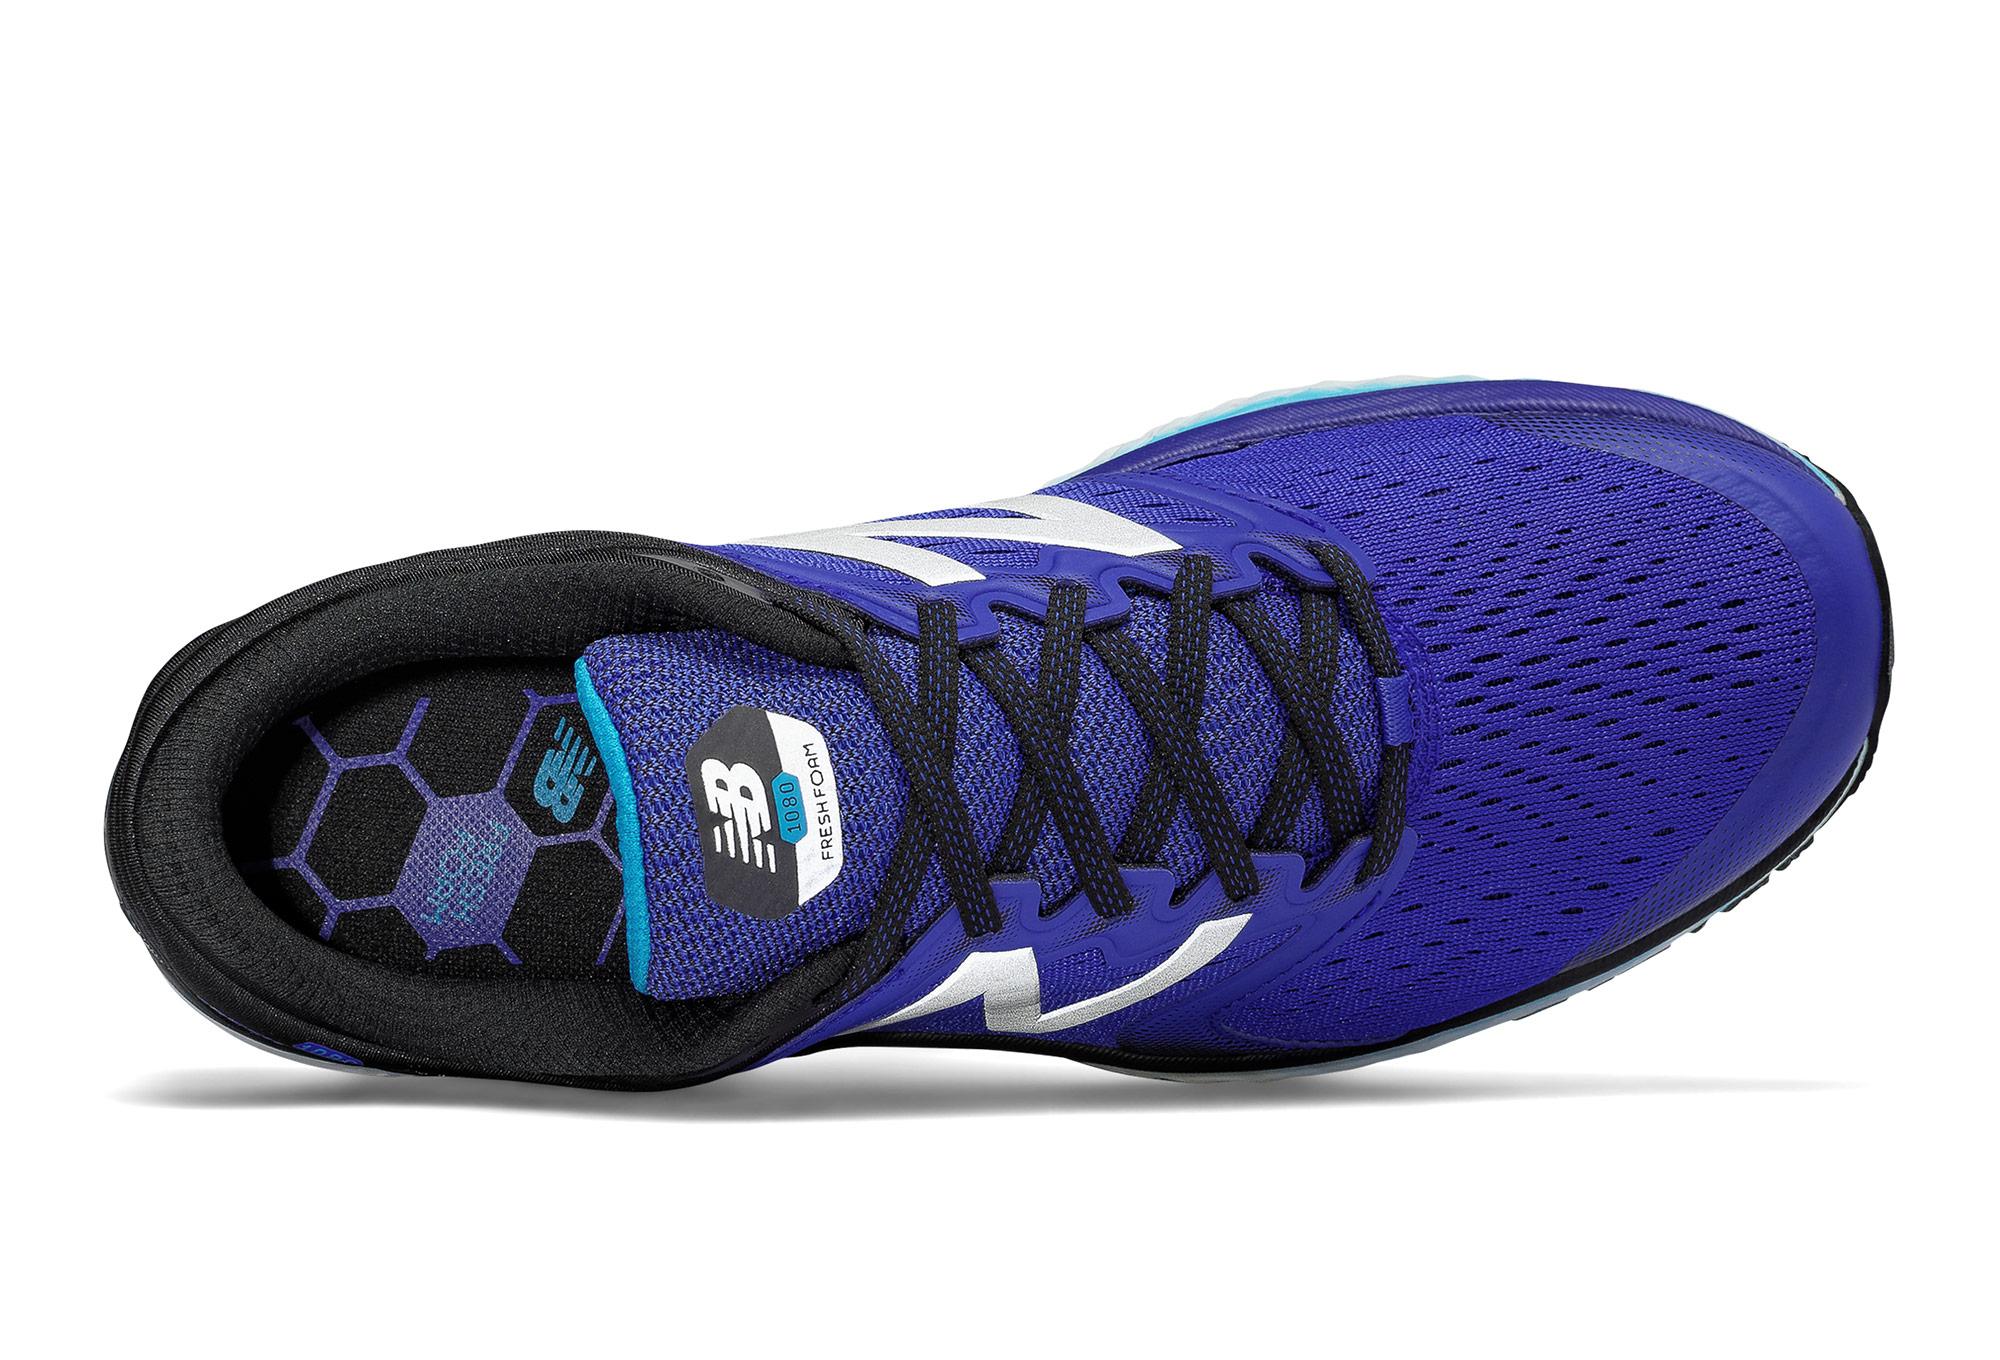 Fresh Running 1080 Foam V8 Chaussures De New 2e Noir Balance gpnSWR